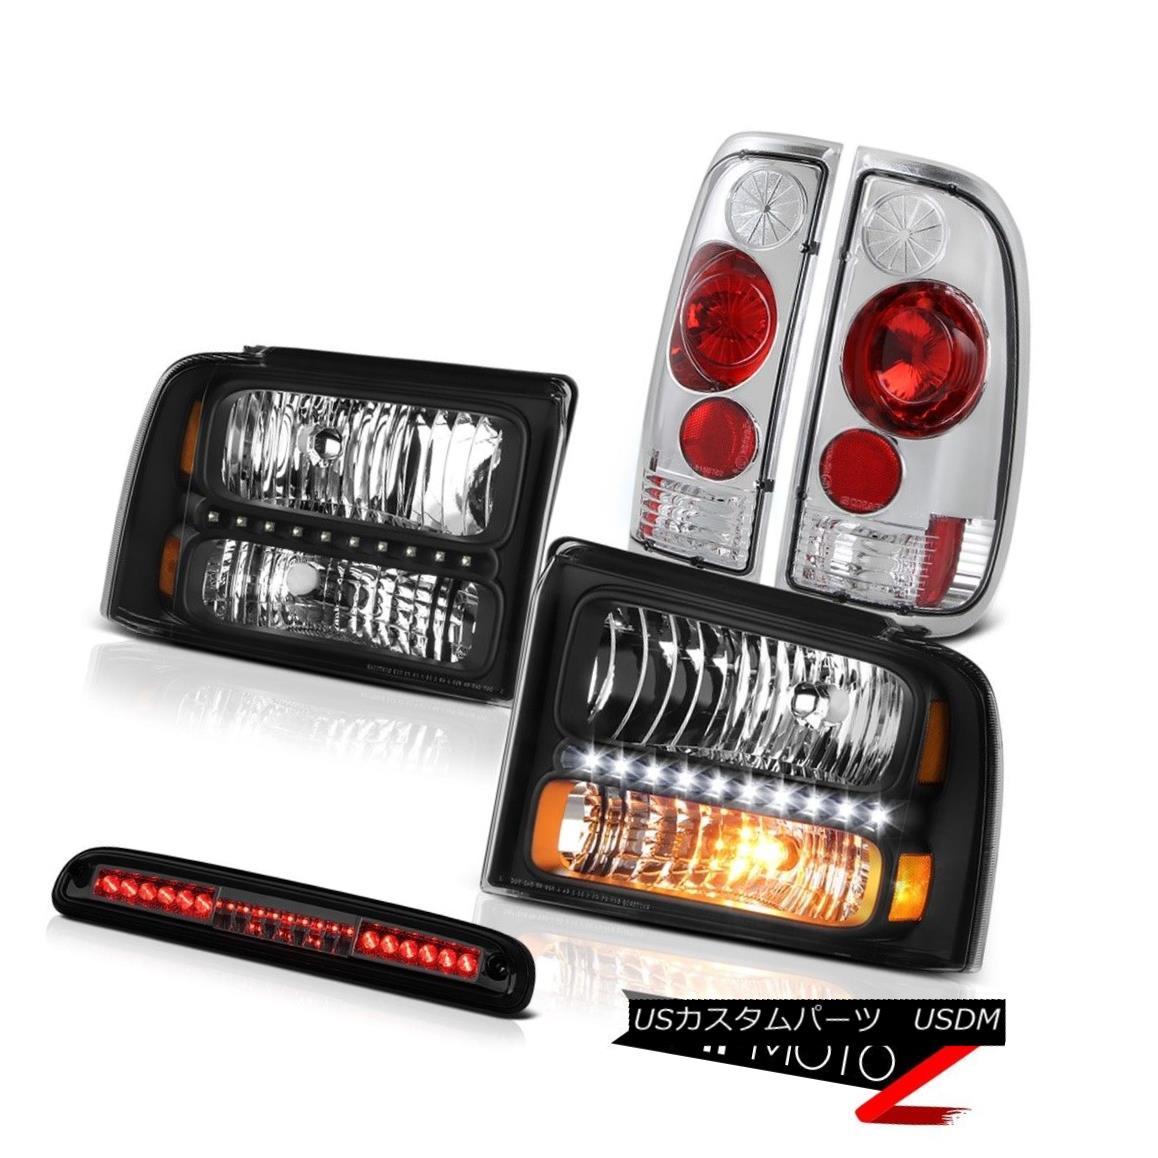 テールライト 2005 06 07 F250 FX4 Left Right Headlights Tail Lights Lamps High Brake Cargo LED 2005 06 07 F250 FX4左ライトヘッドライトテールライトランプハイブレーキカーゴLED